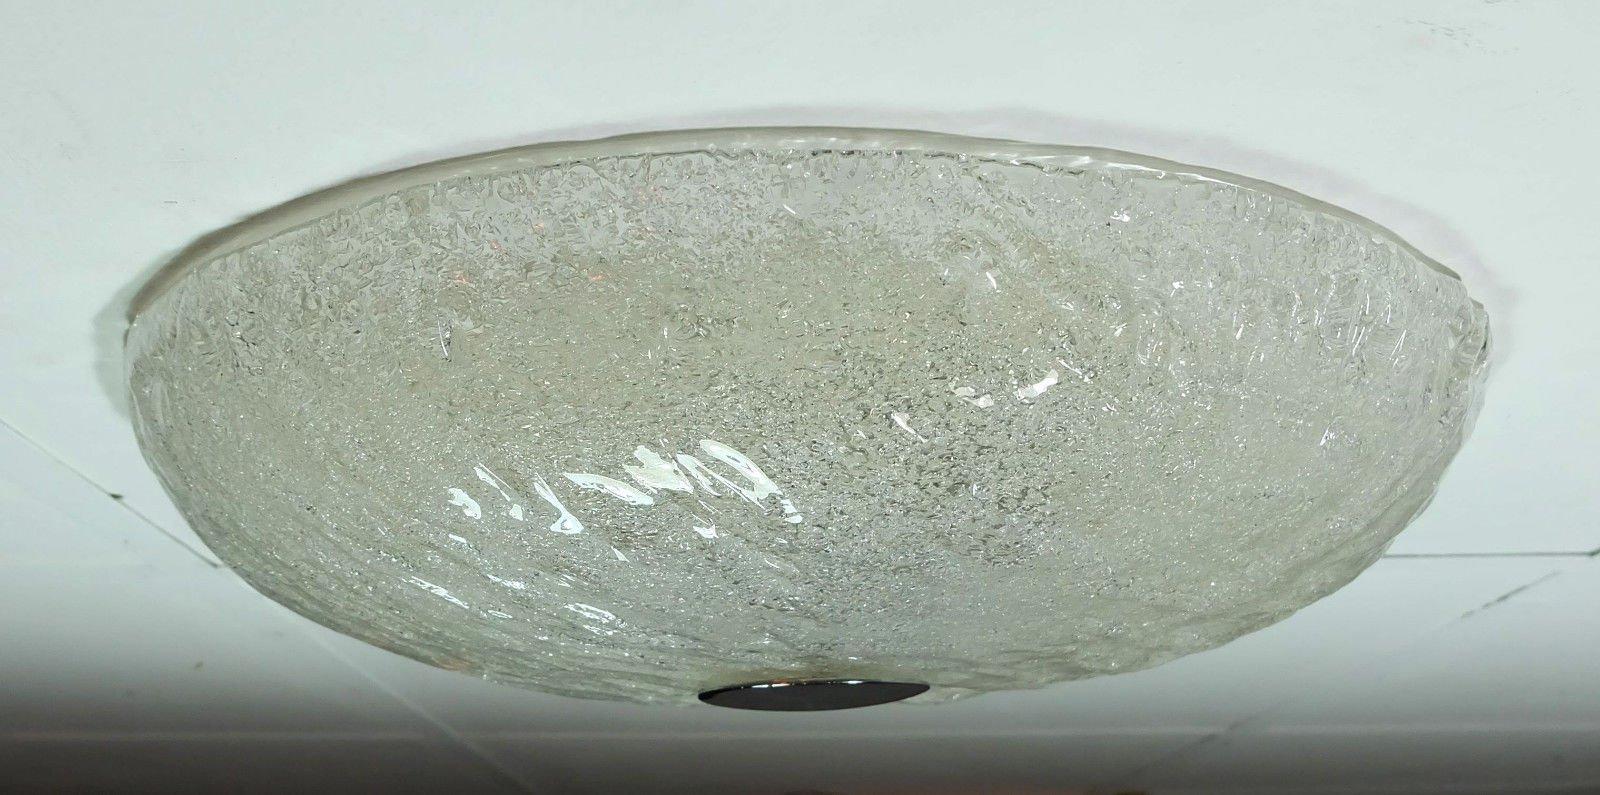 Milchglas Deckenlampe, Deutschland, 1960er